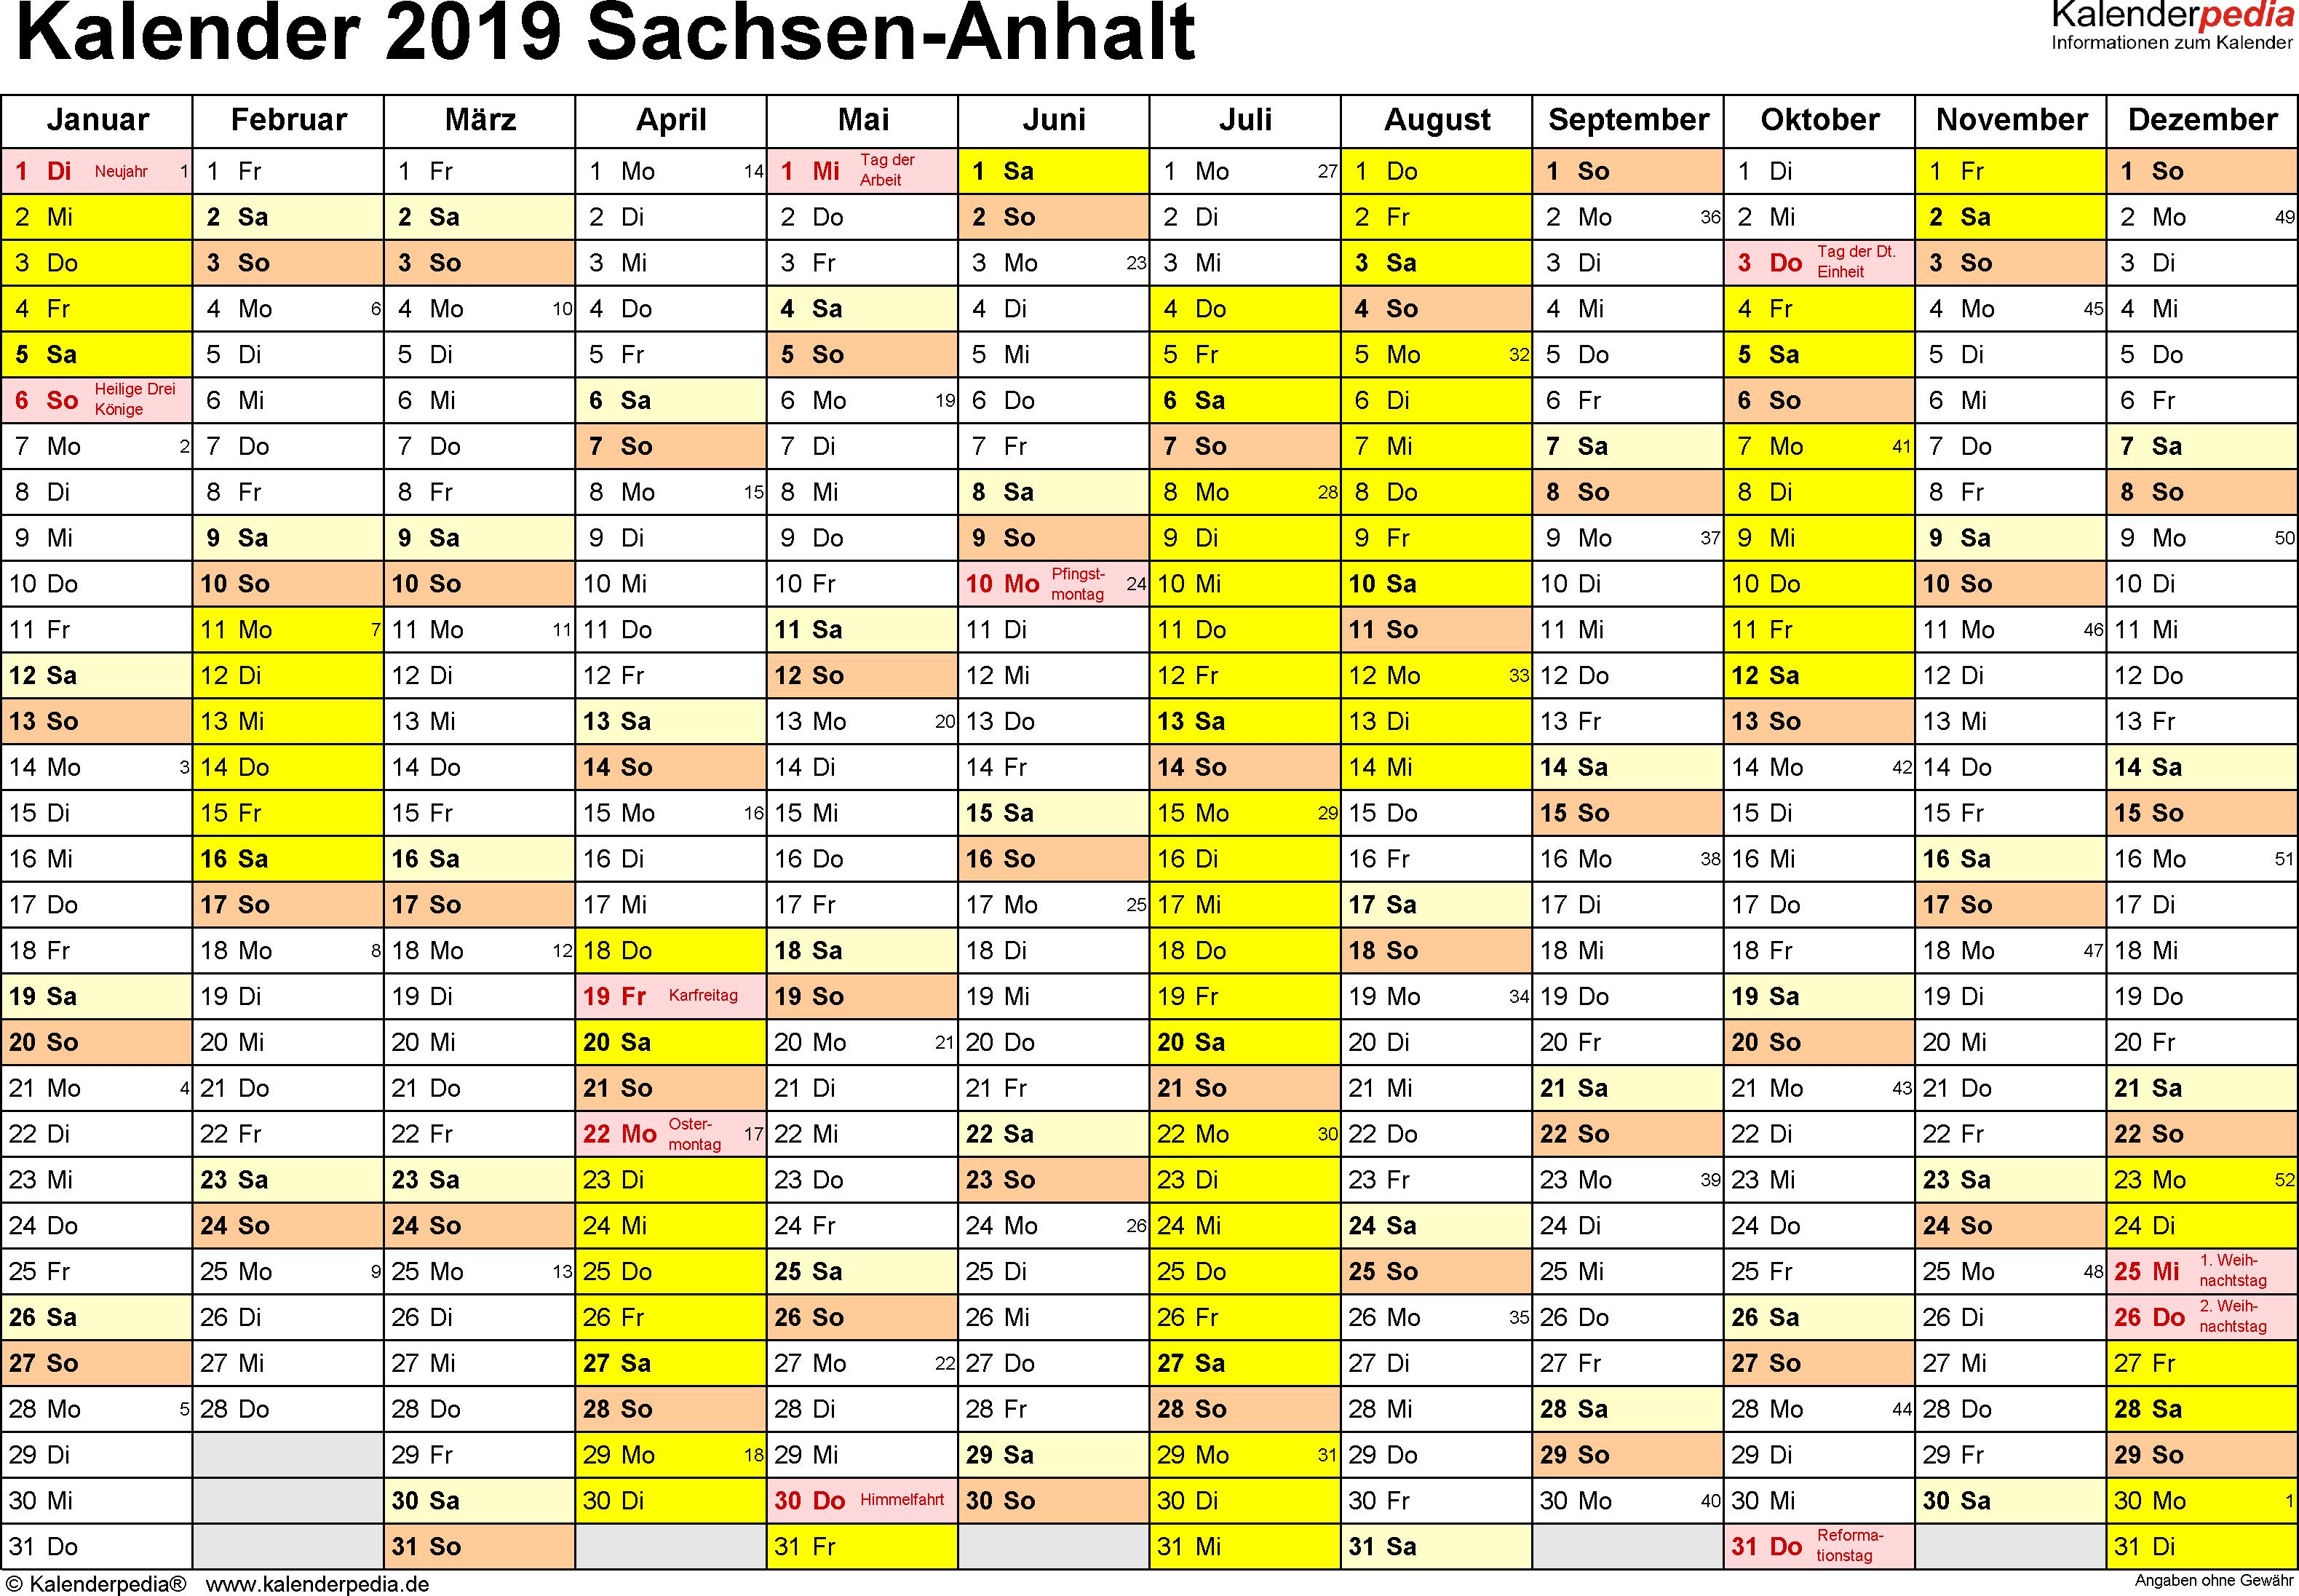 Vorlage 1: Kalender 2019 für Sachsen-Anhalt als PDF-Vorlage (Querformat, 1 Seite)